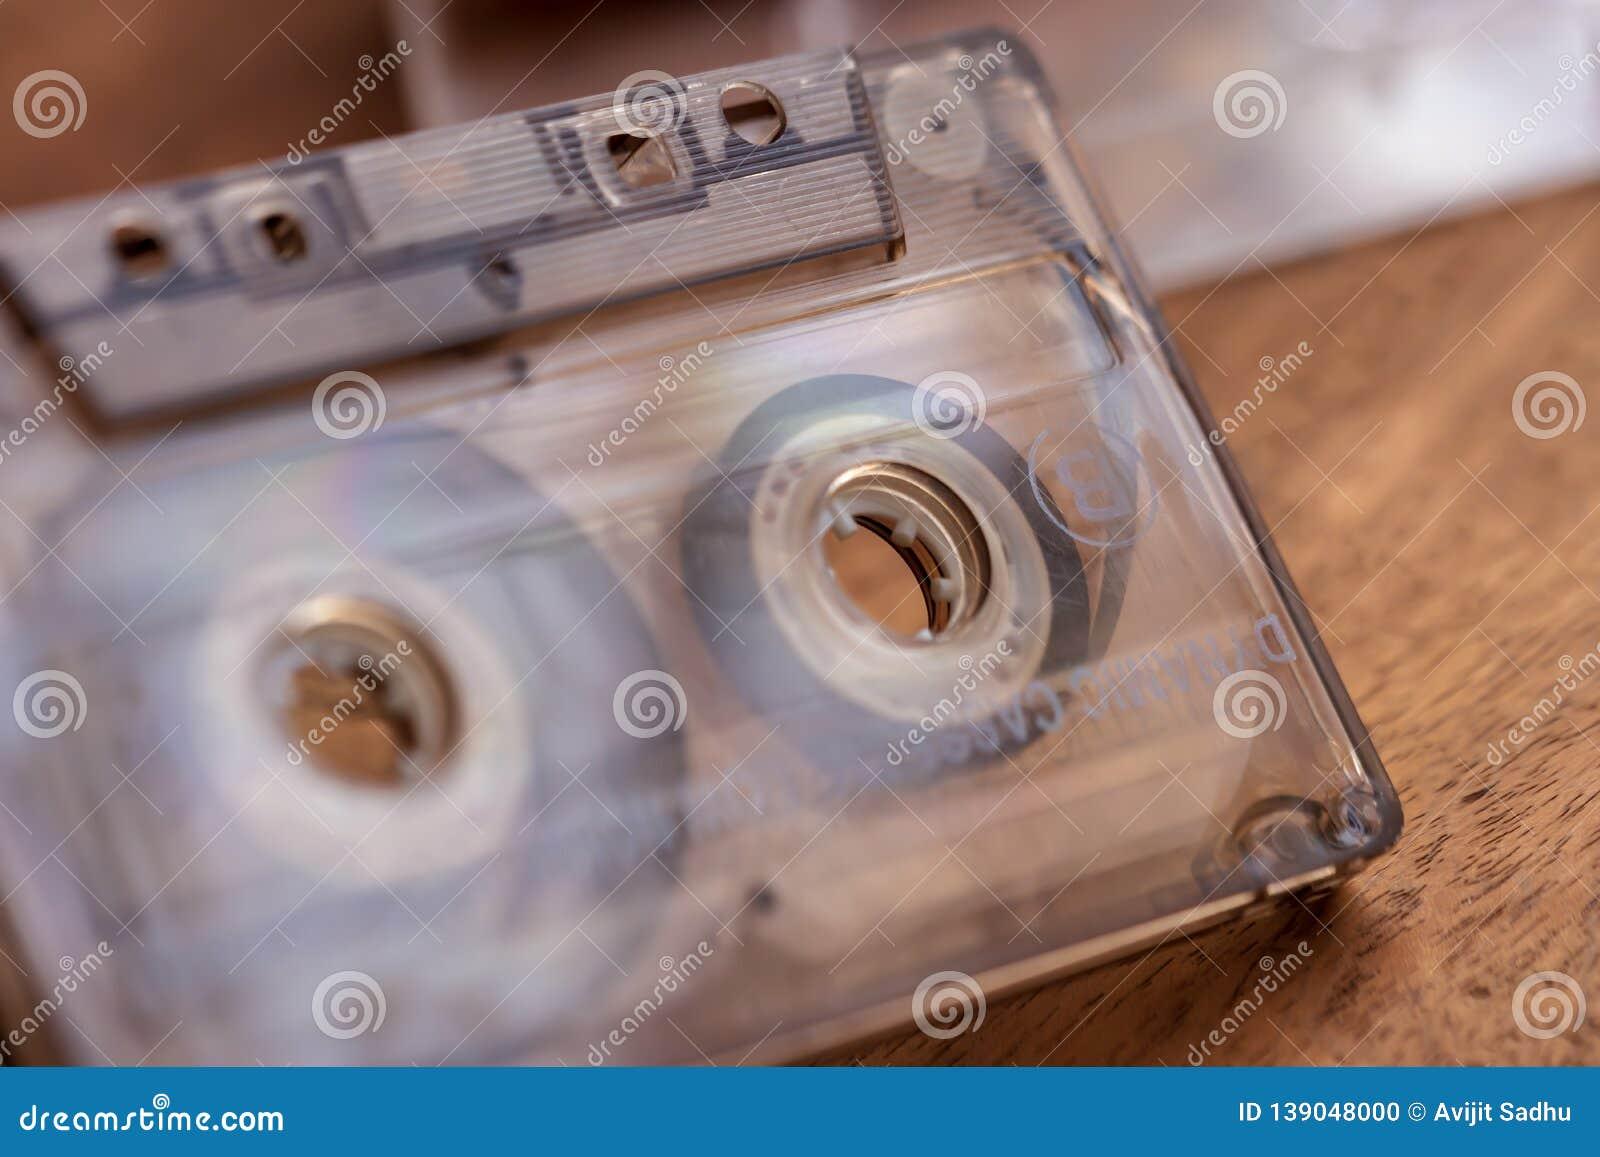 A Closeup Of A Vintage Cassette Tape